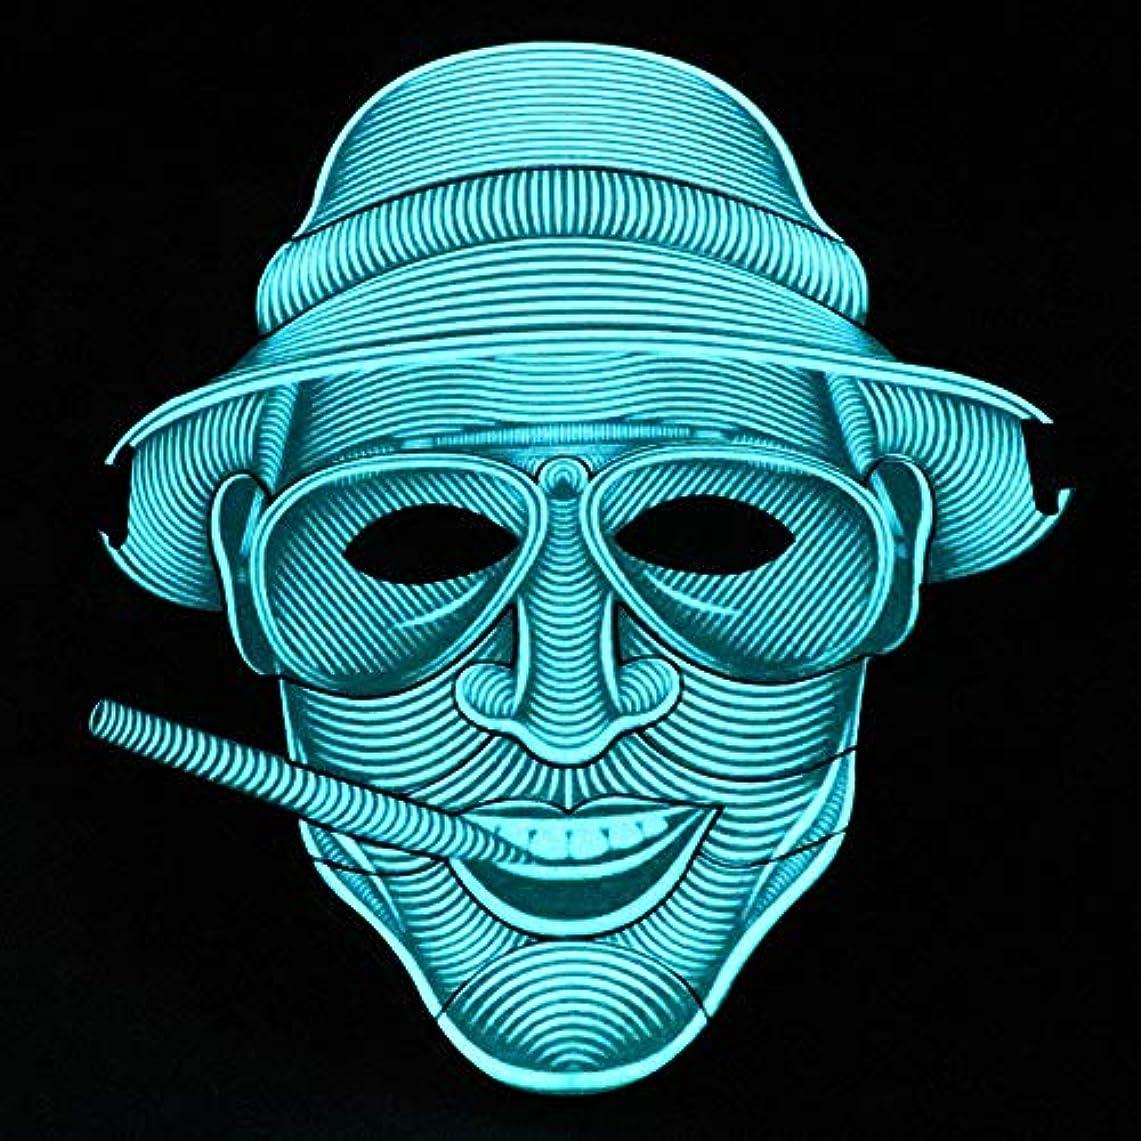 馬鹿げたまっすぐにする照らされたマスクLED創造的な冷光音響制御マスクハロウィンバーフェスティバルダンスマスク (Color : #4)